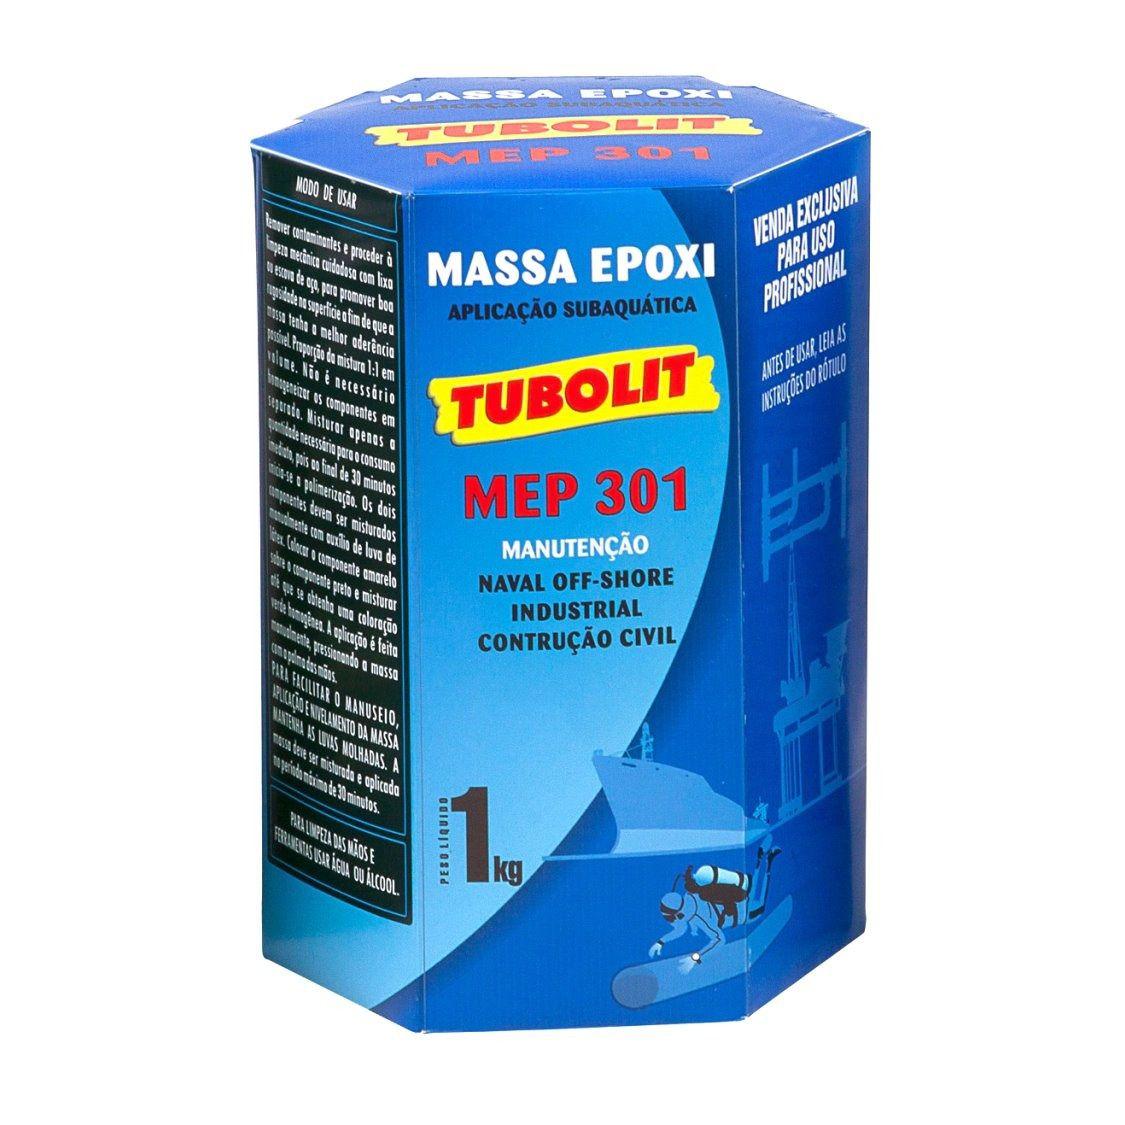 TUBOLIT MASSA EPOXI - TUBOLIT